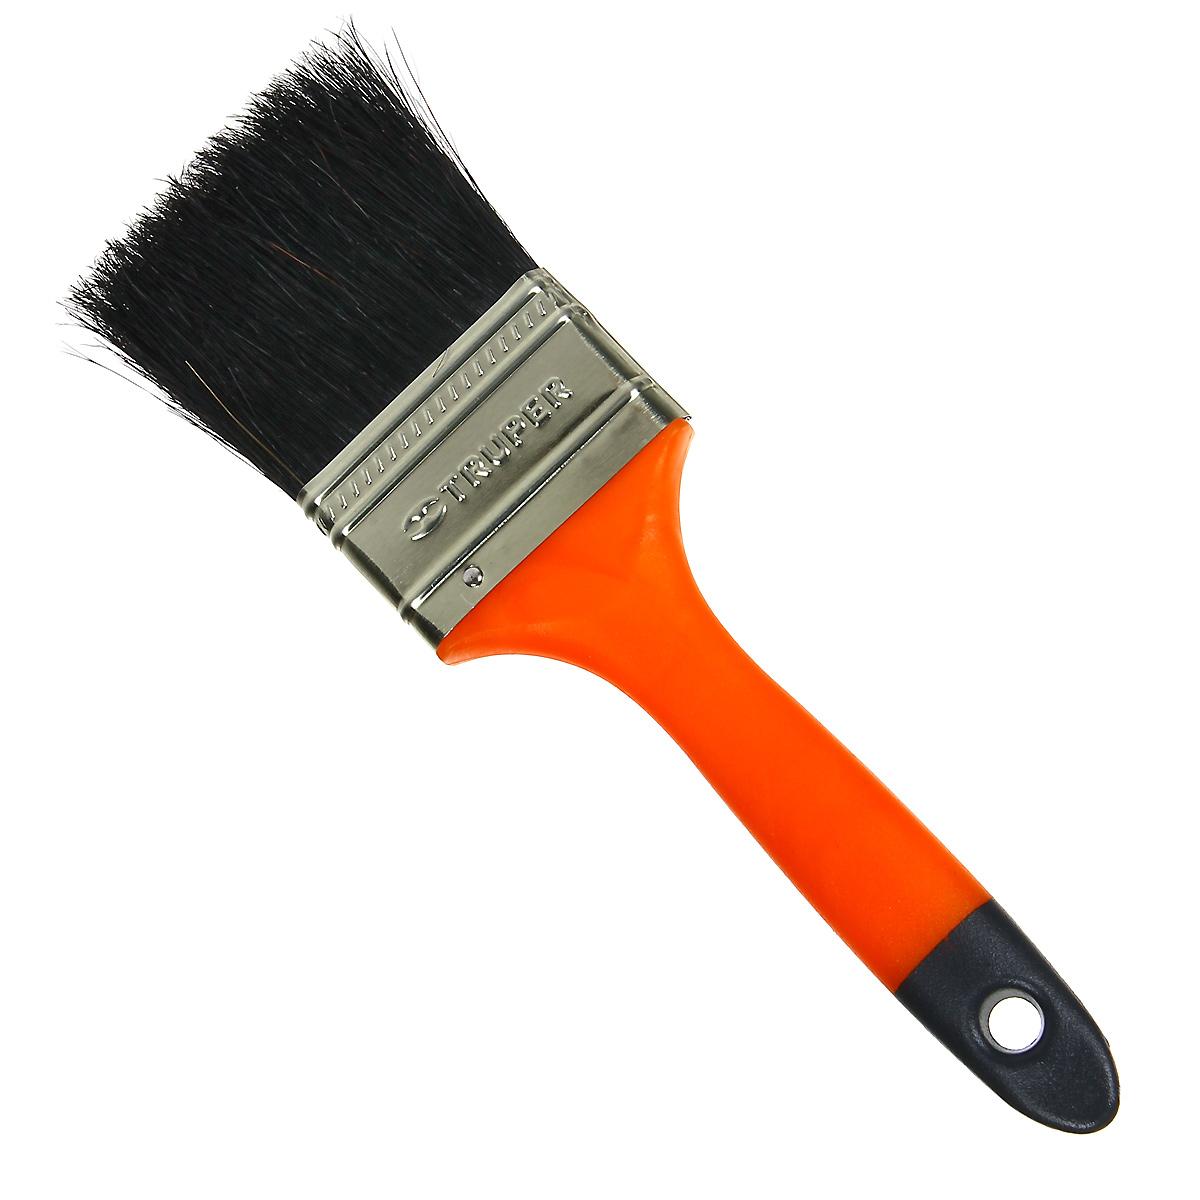 Кисть малярная Truper, с пластиковой ручкой, щетина из конского волоса, 50,8 мм